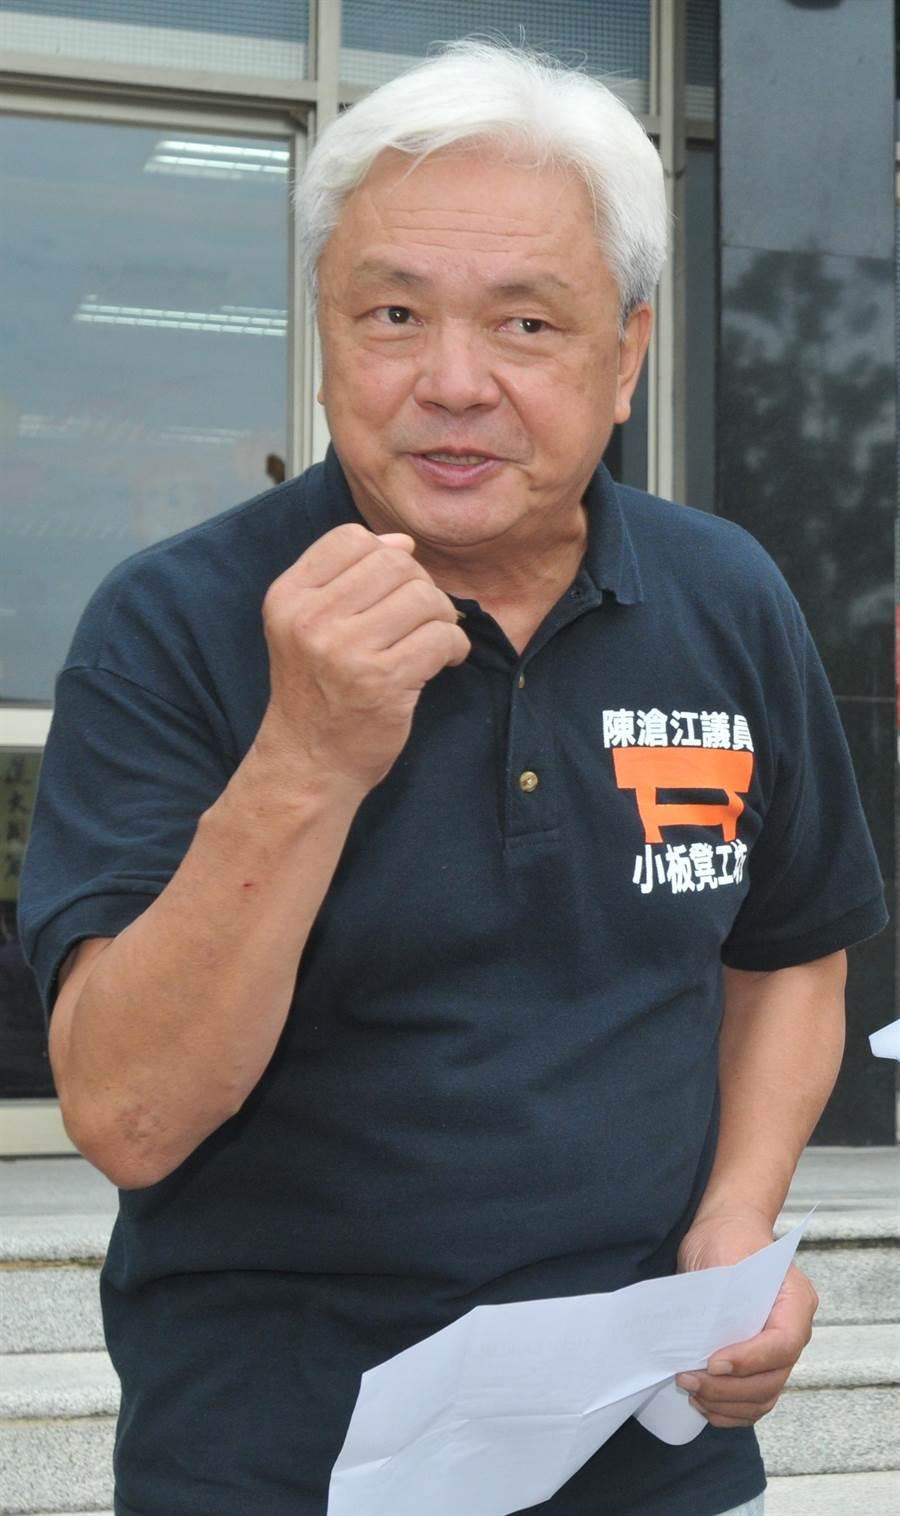 陳滄江是否再戰立委,將是明年大選的重大變數之一。(李金生攝)